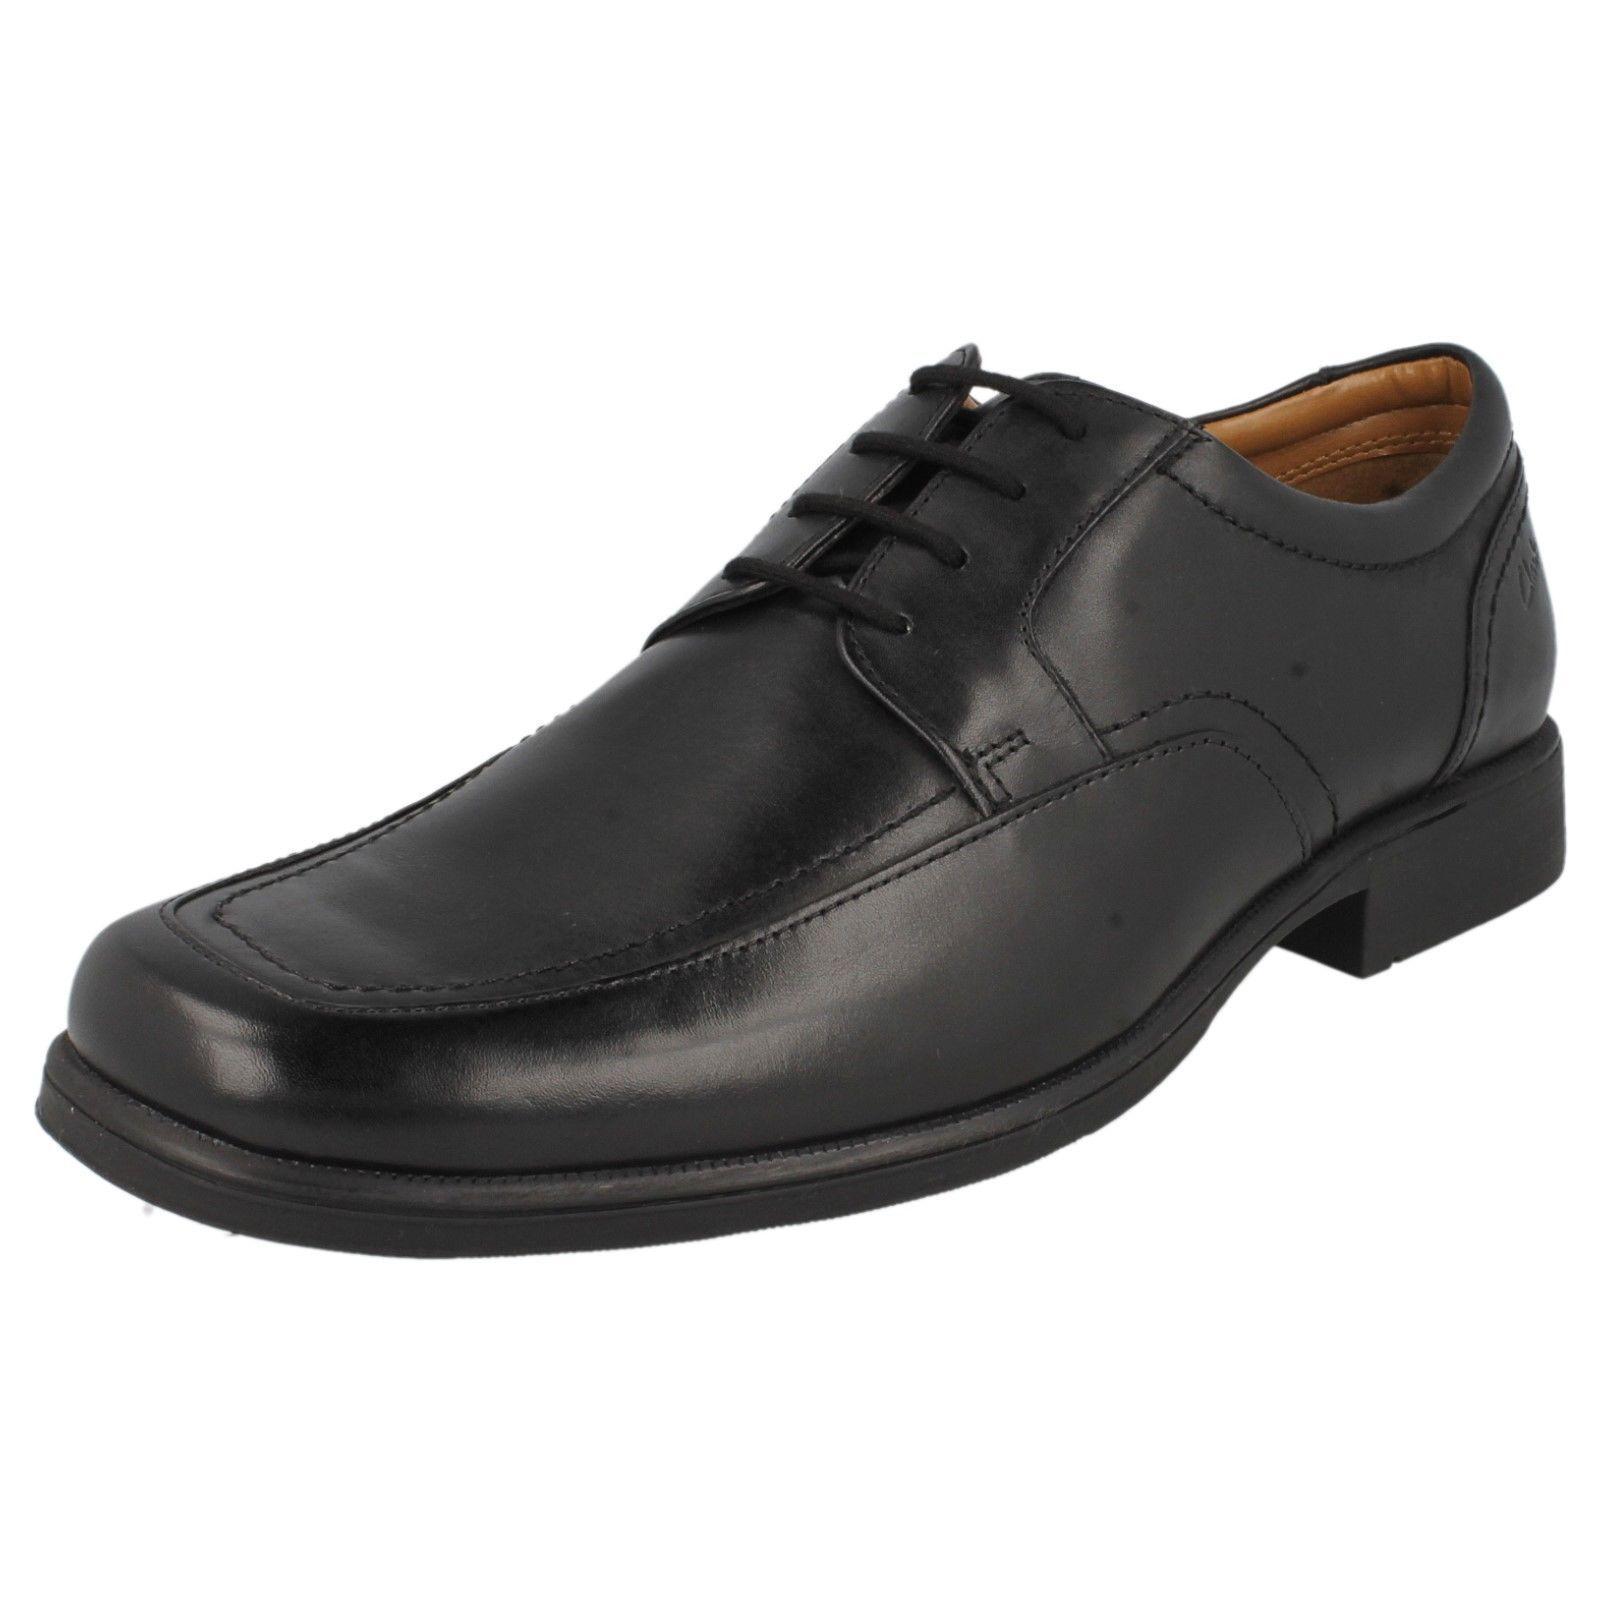 ultimi stili Clarks huckley Molla Nero Pelle Stringati uomo lavoro lavoro lavoro   Scarpa Elegante  la migliore selezione di